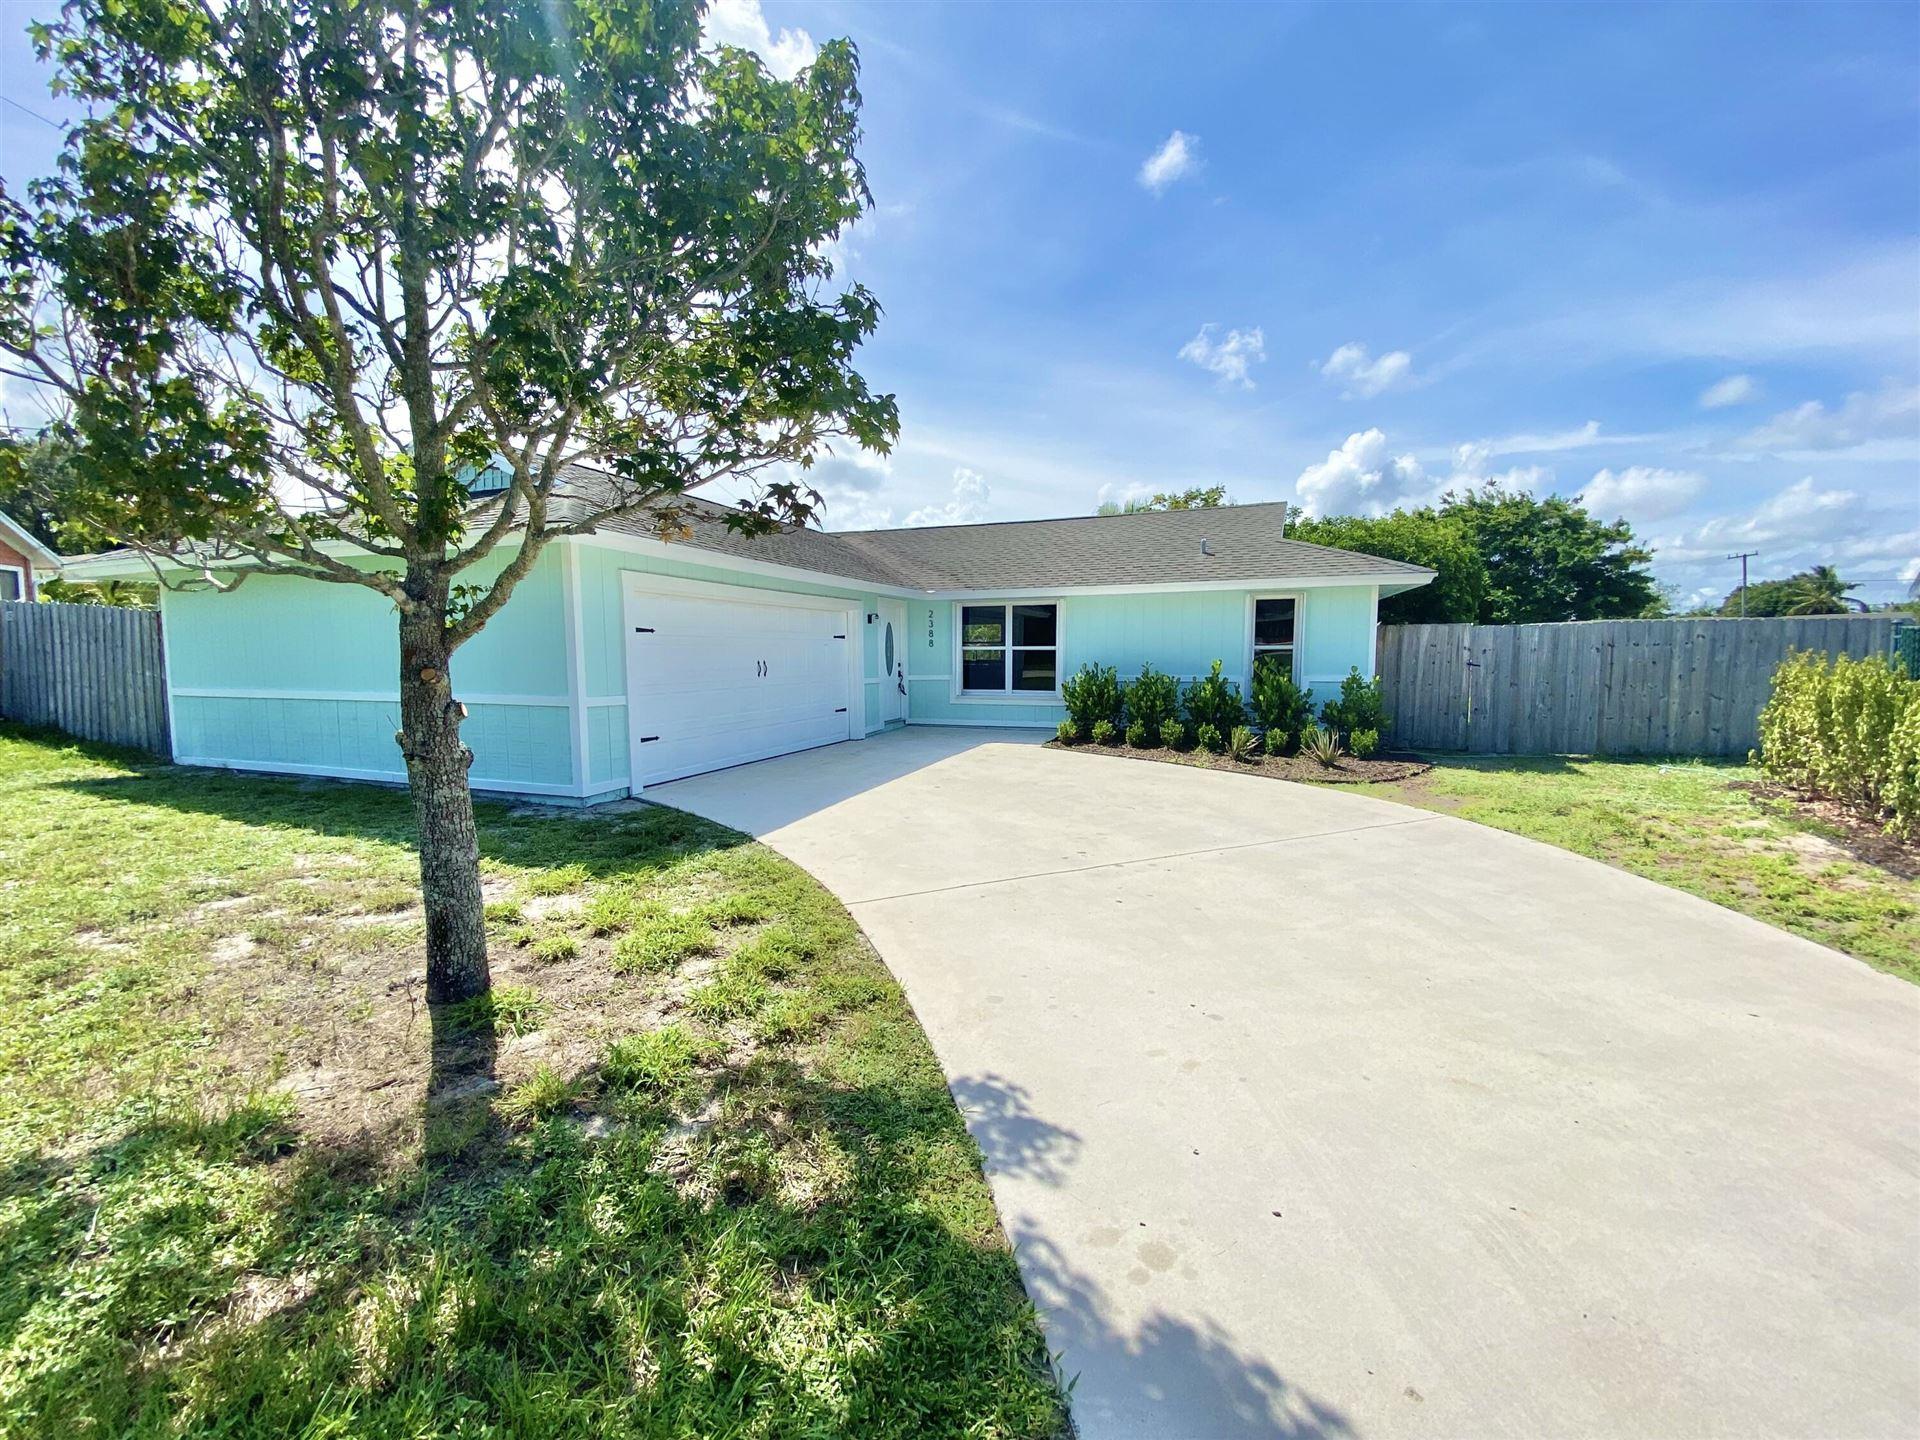 2388 NE 16th Court, Jensen Beach, FL 34957 - #: RX-10745513